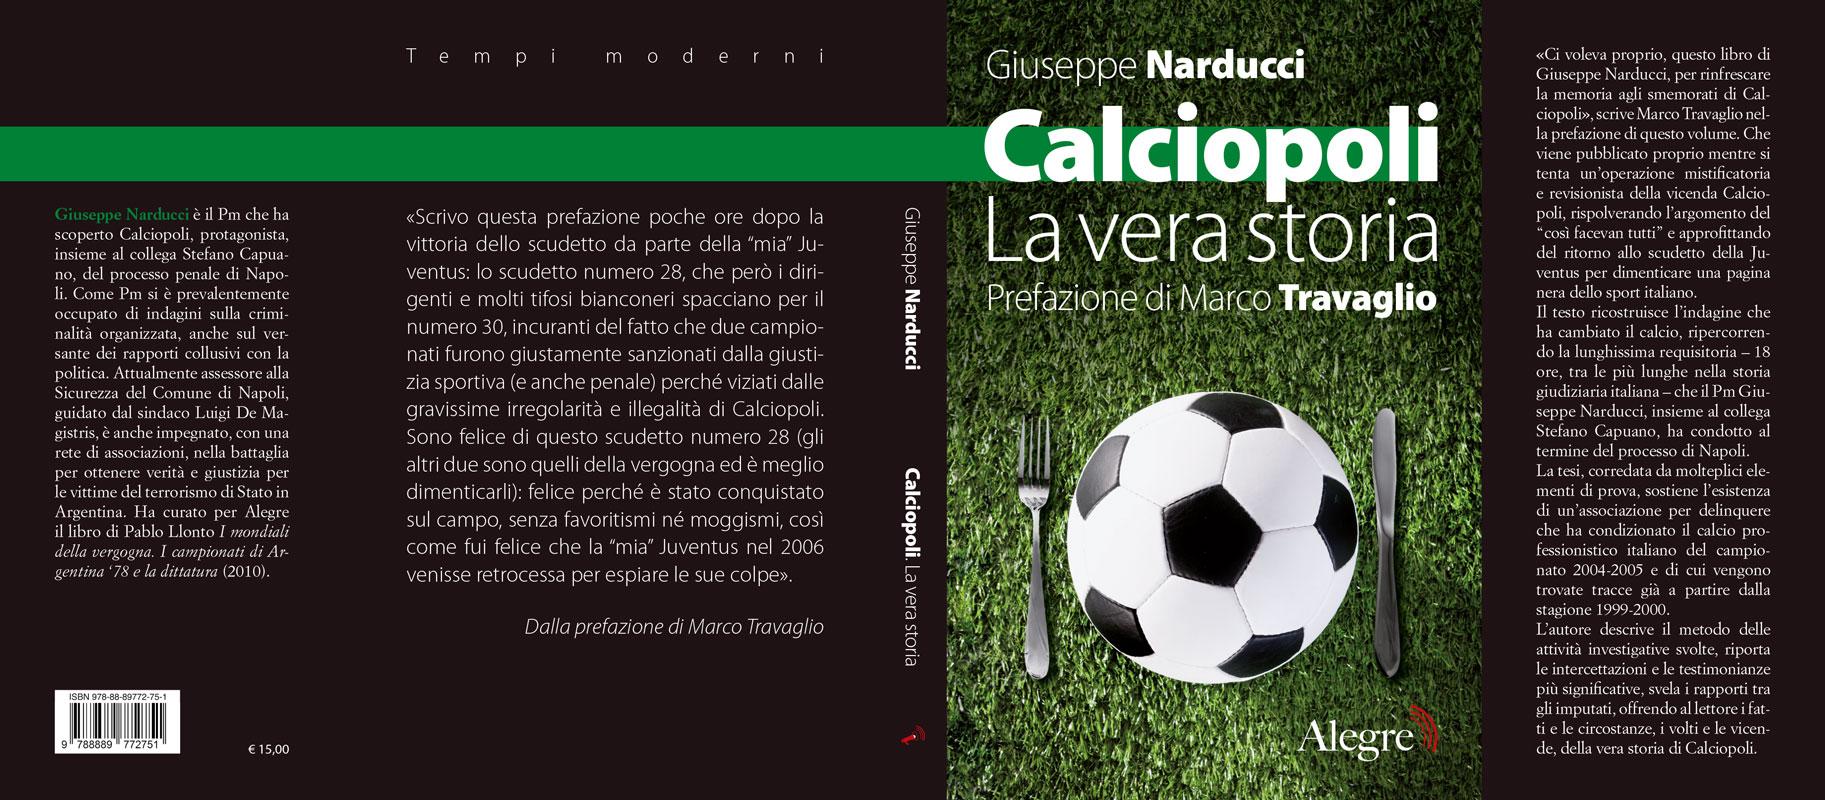 Pino Narducci, Calciopoli, stesa